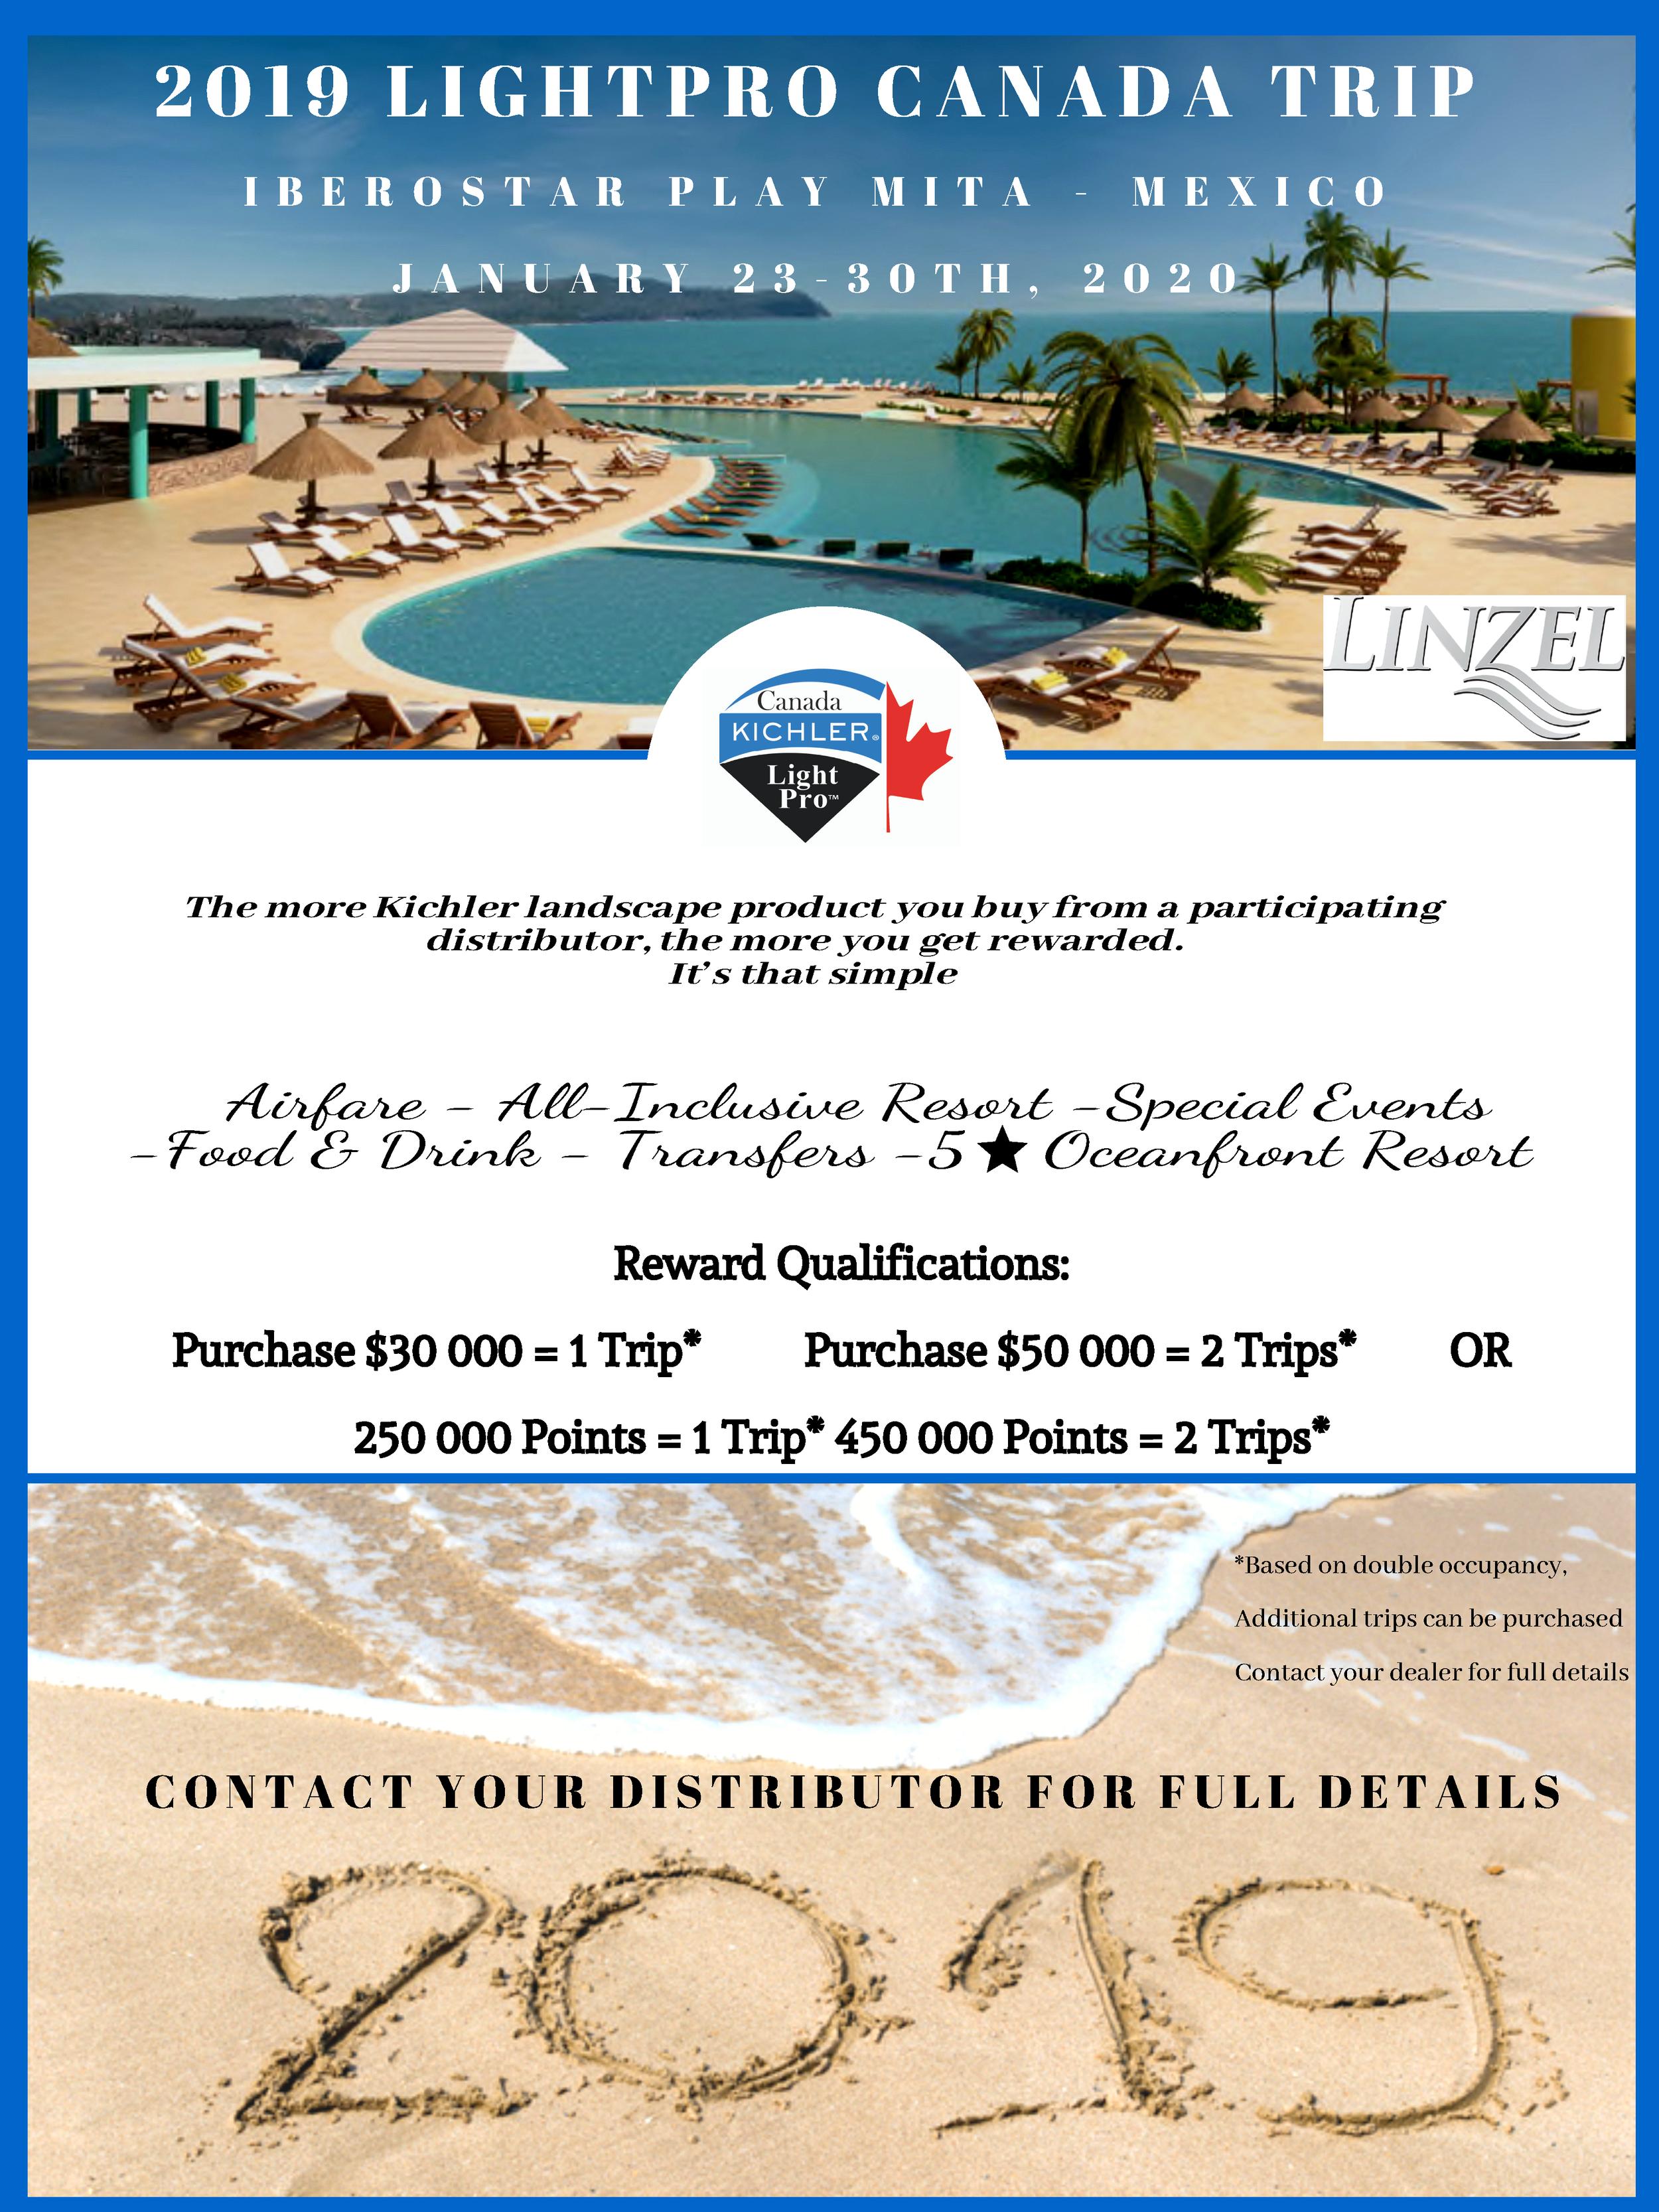 Linzel Kichler Trip 2020 Poster.png